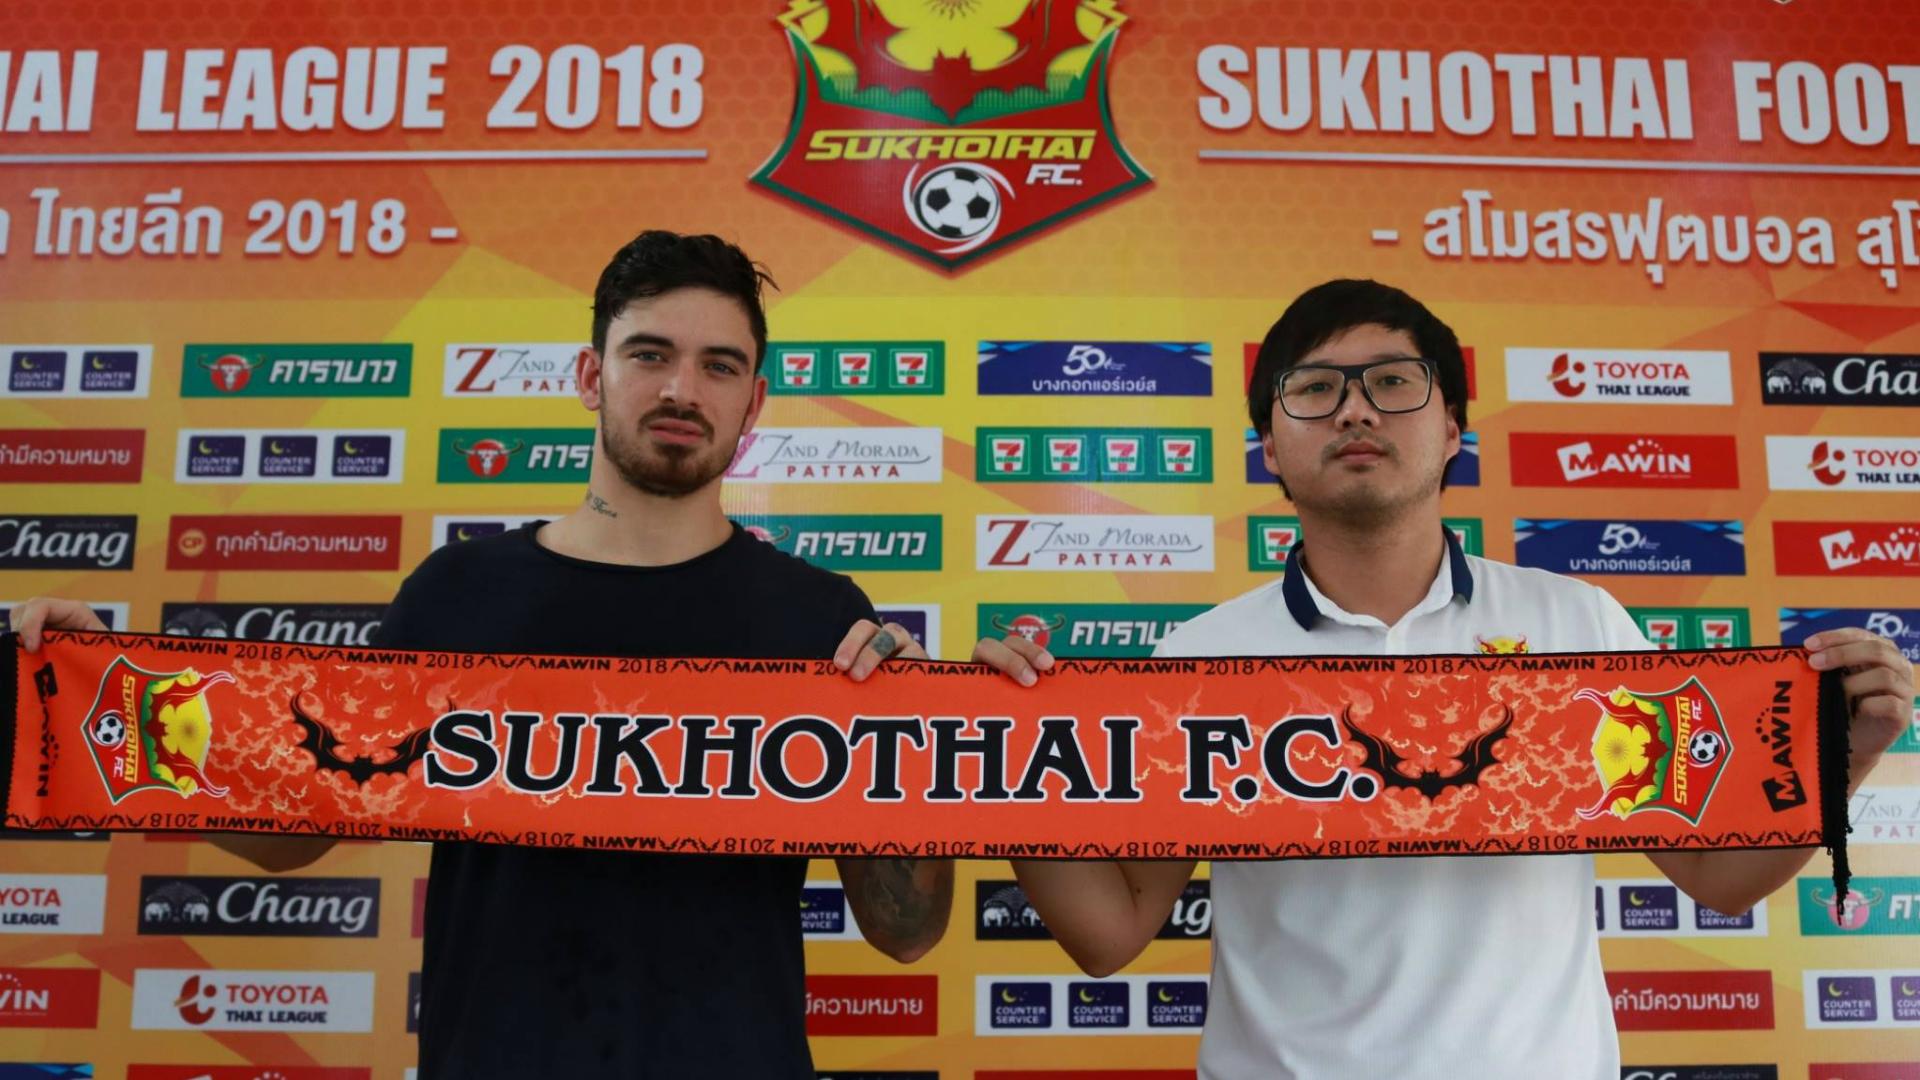 Curran Ferns, Sukhothai FC